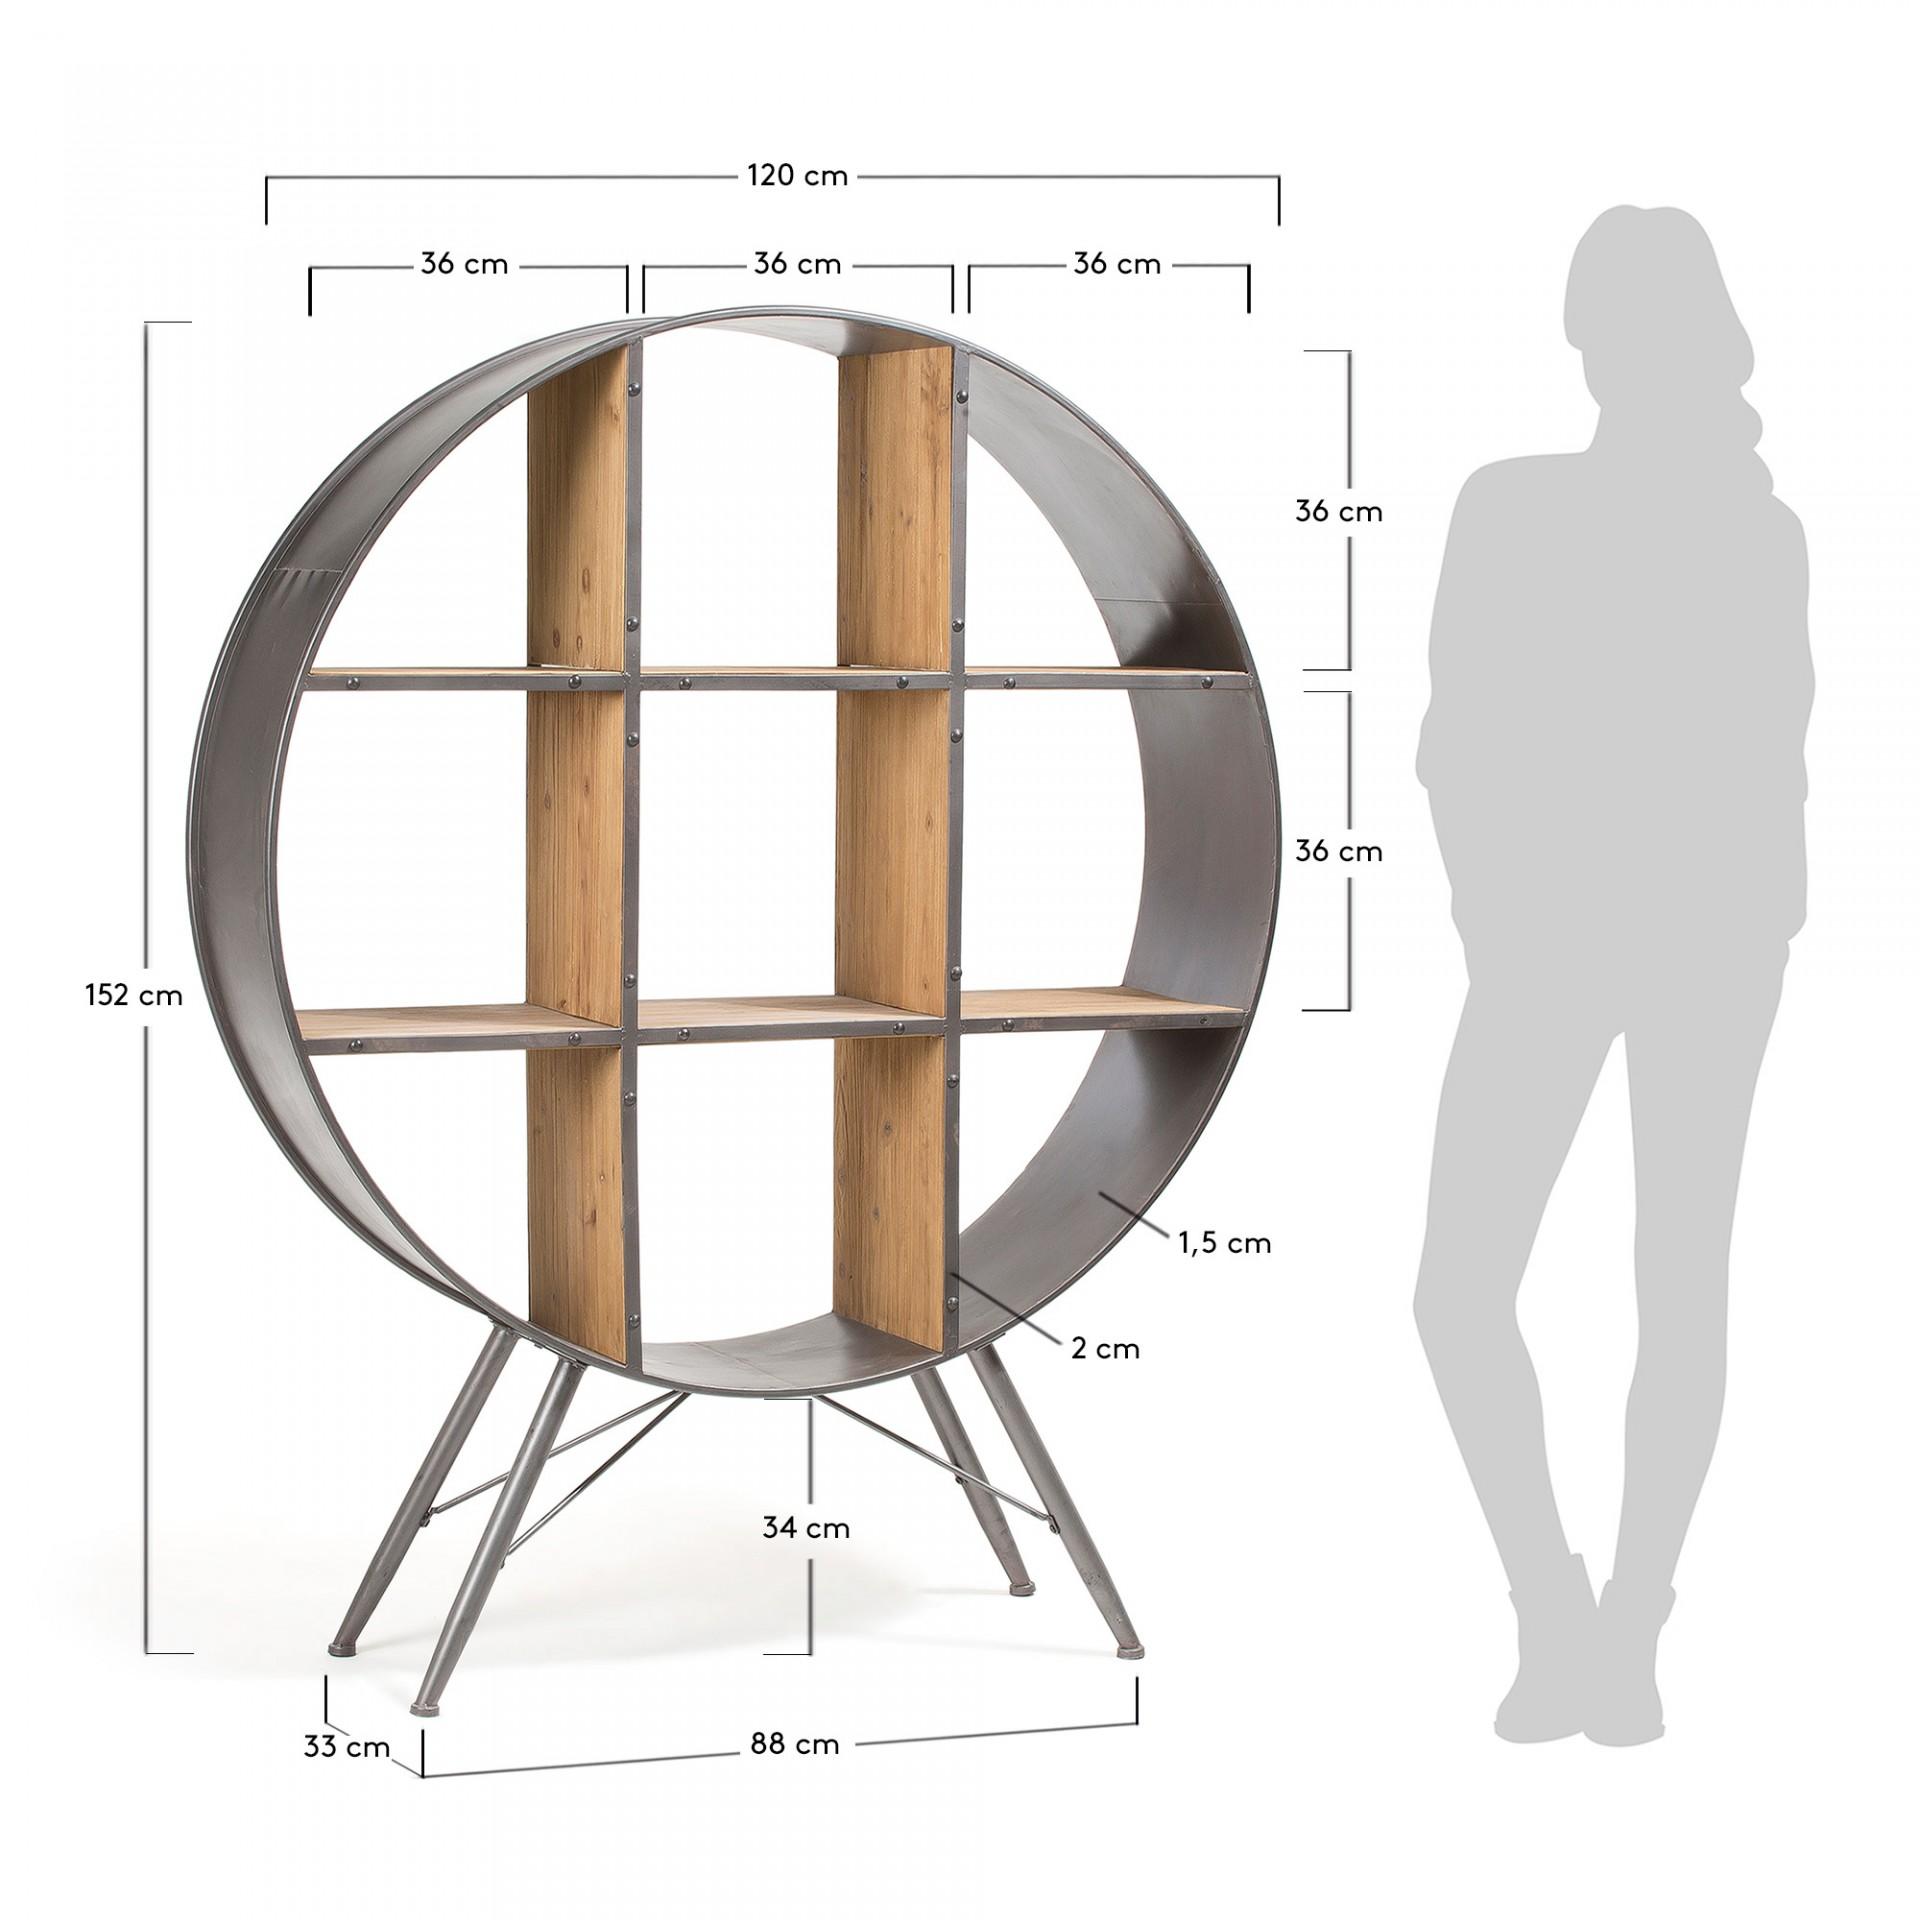 Estante Haly, madeira de abeto/metal, Ø120x152